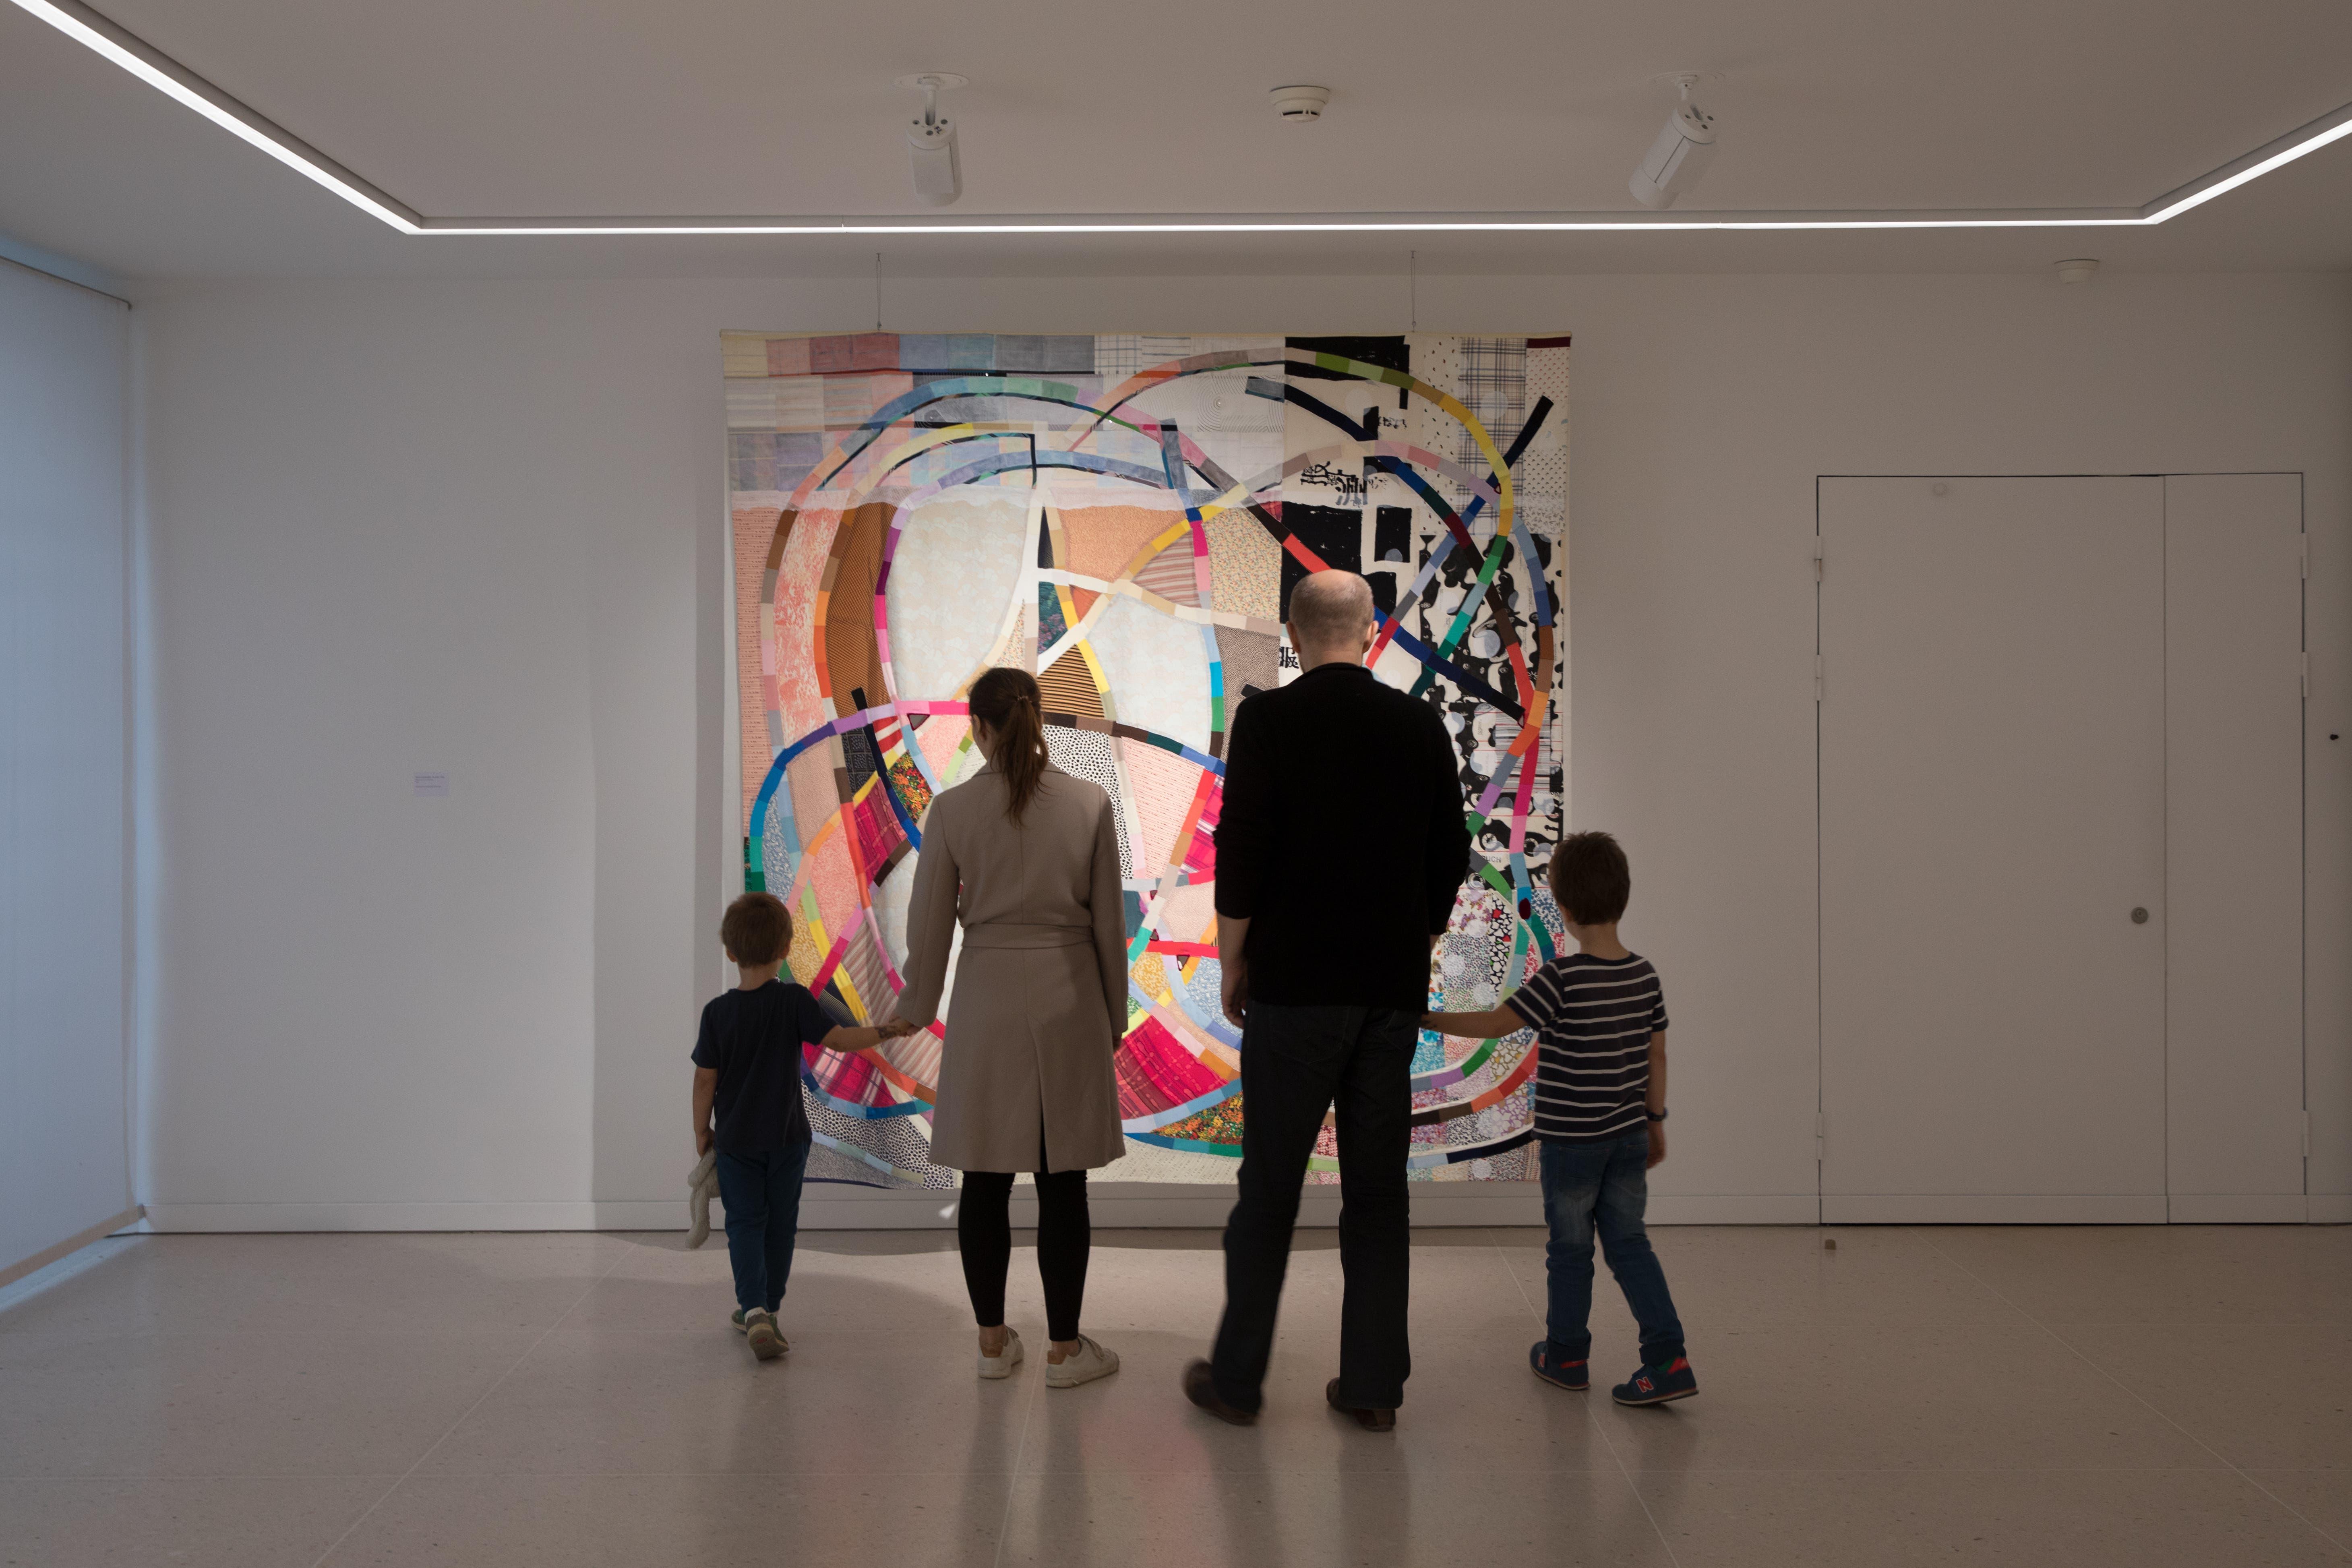 Eine Familie steht im Kunsthaus Zug vor einem Bild von Anna Margrit Annen.